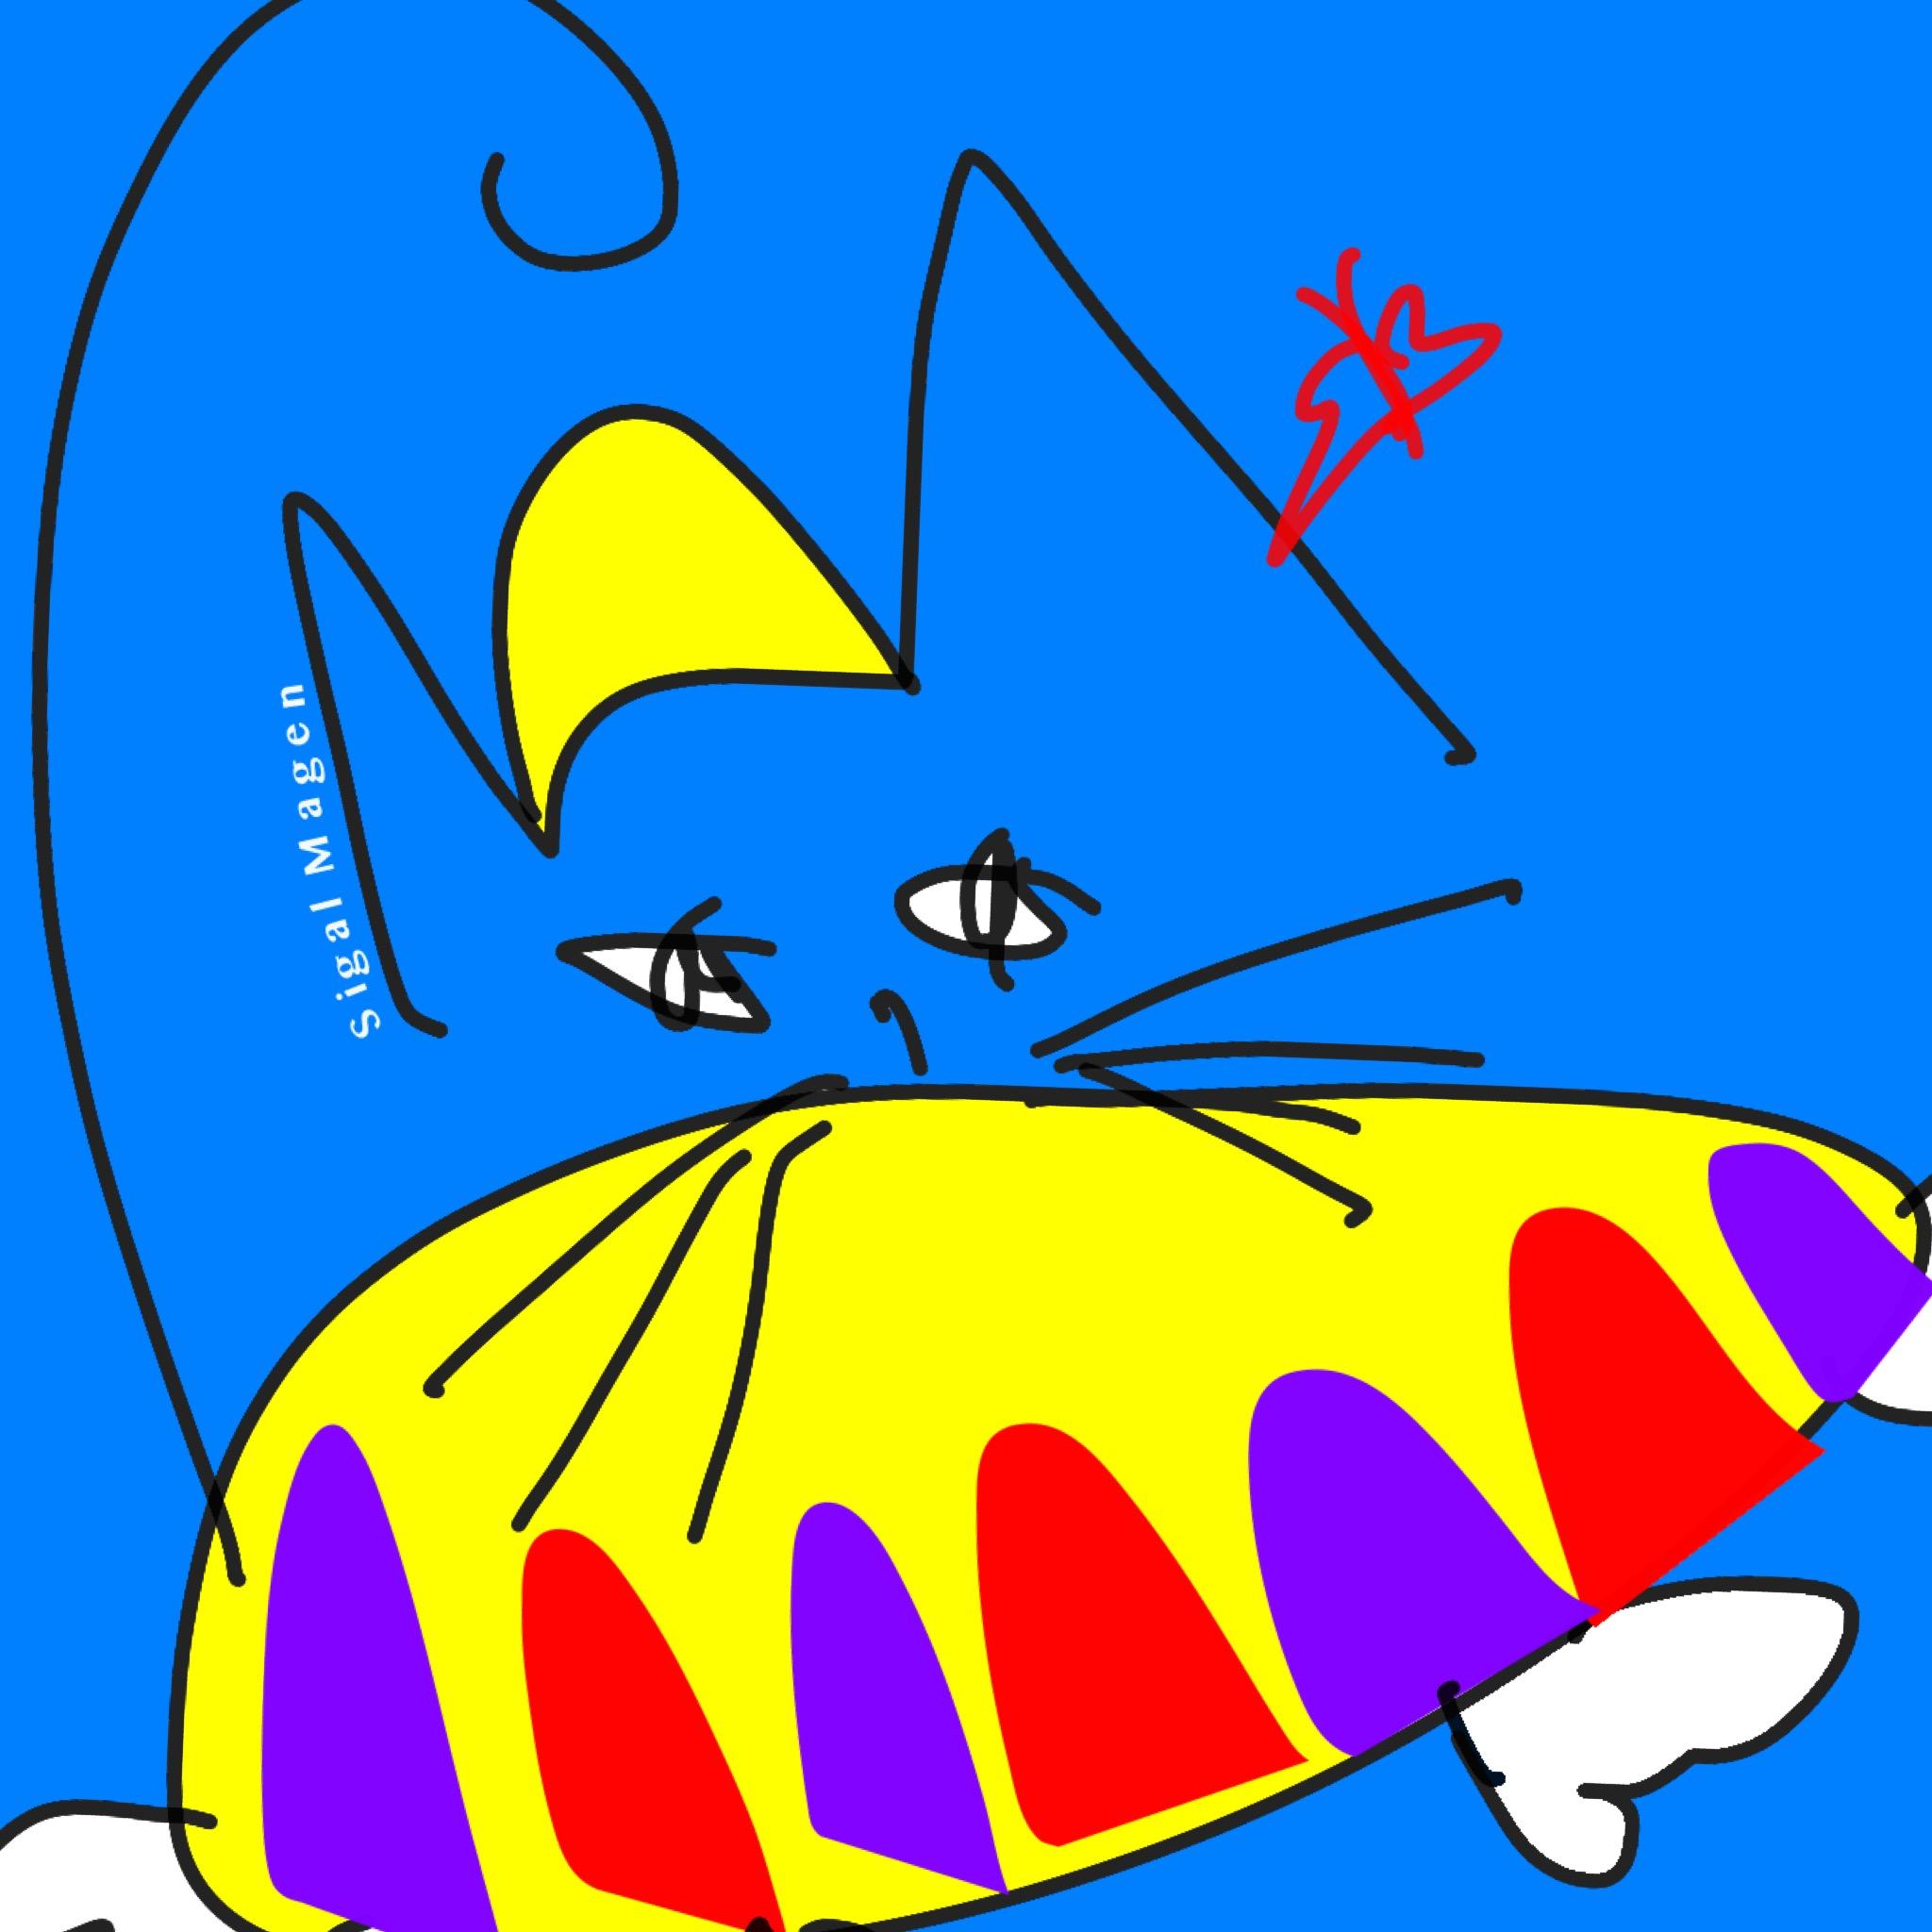 צִיַּרְתִּי חָתוּל – Neko O Kaita by Sigal Magen - Illustrated by ציורים: סיגל מגן - Ourboox.com